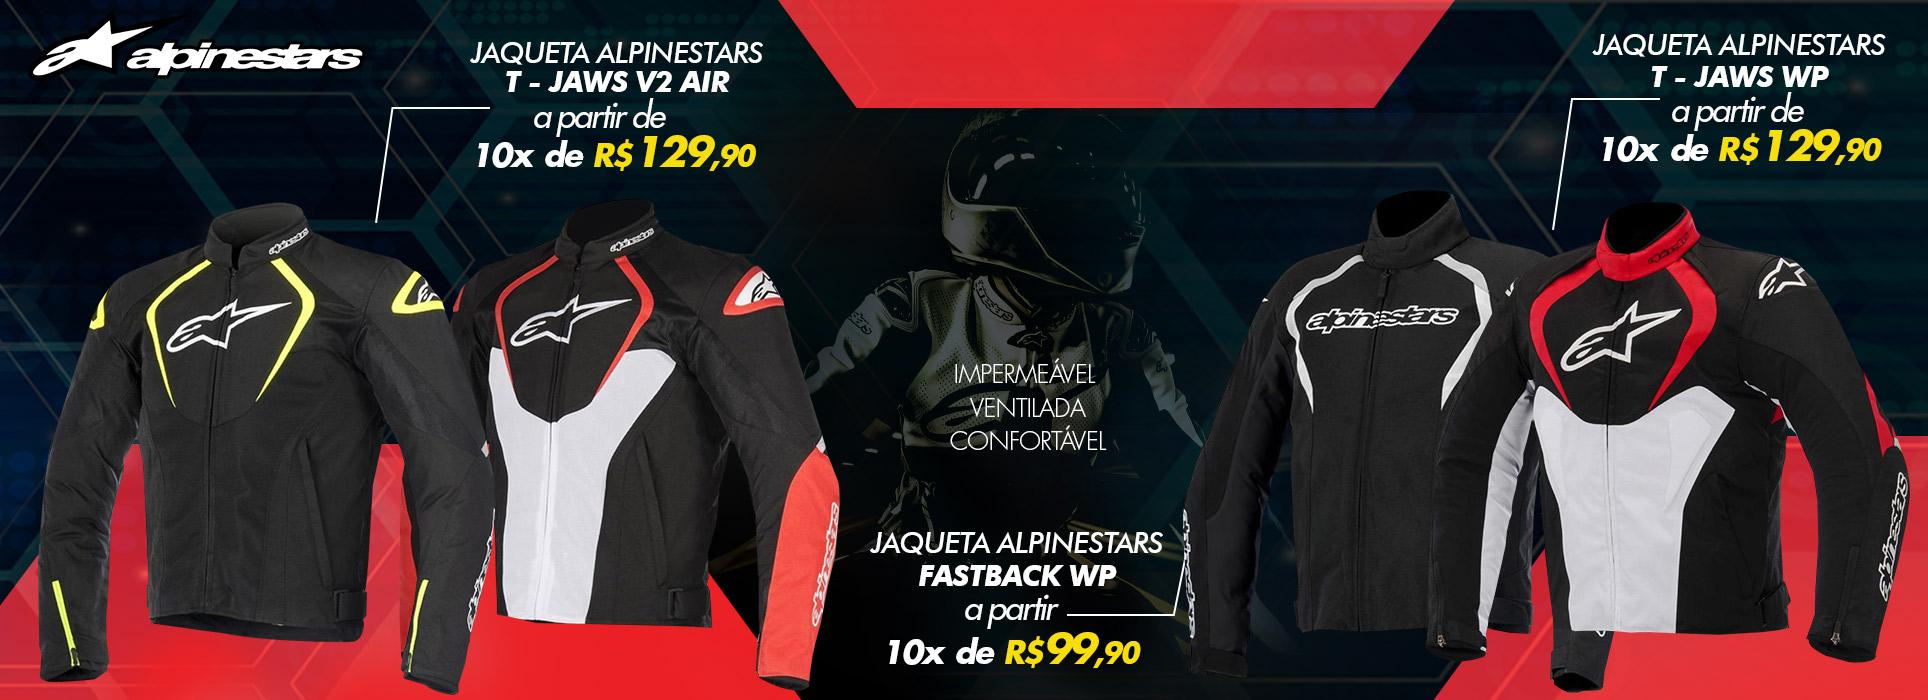 jaquetas-alpinestars